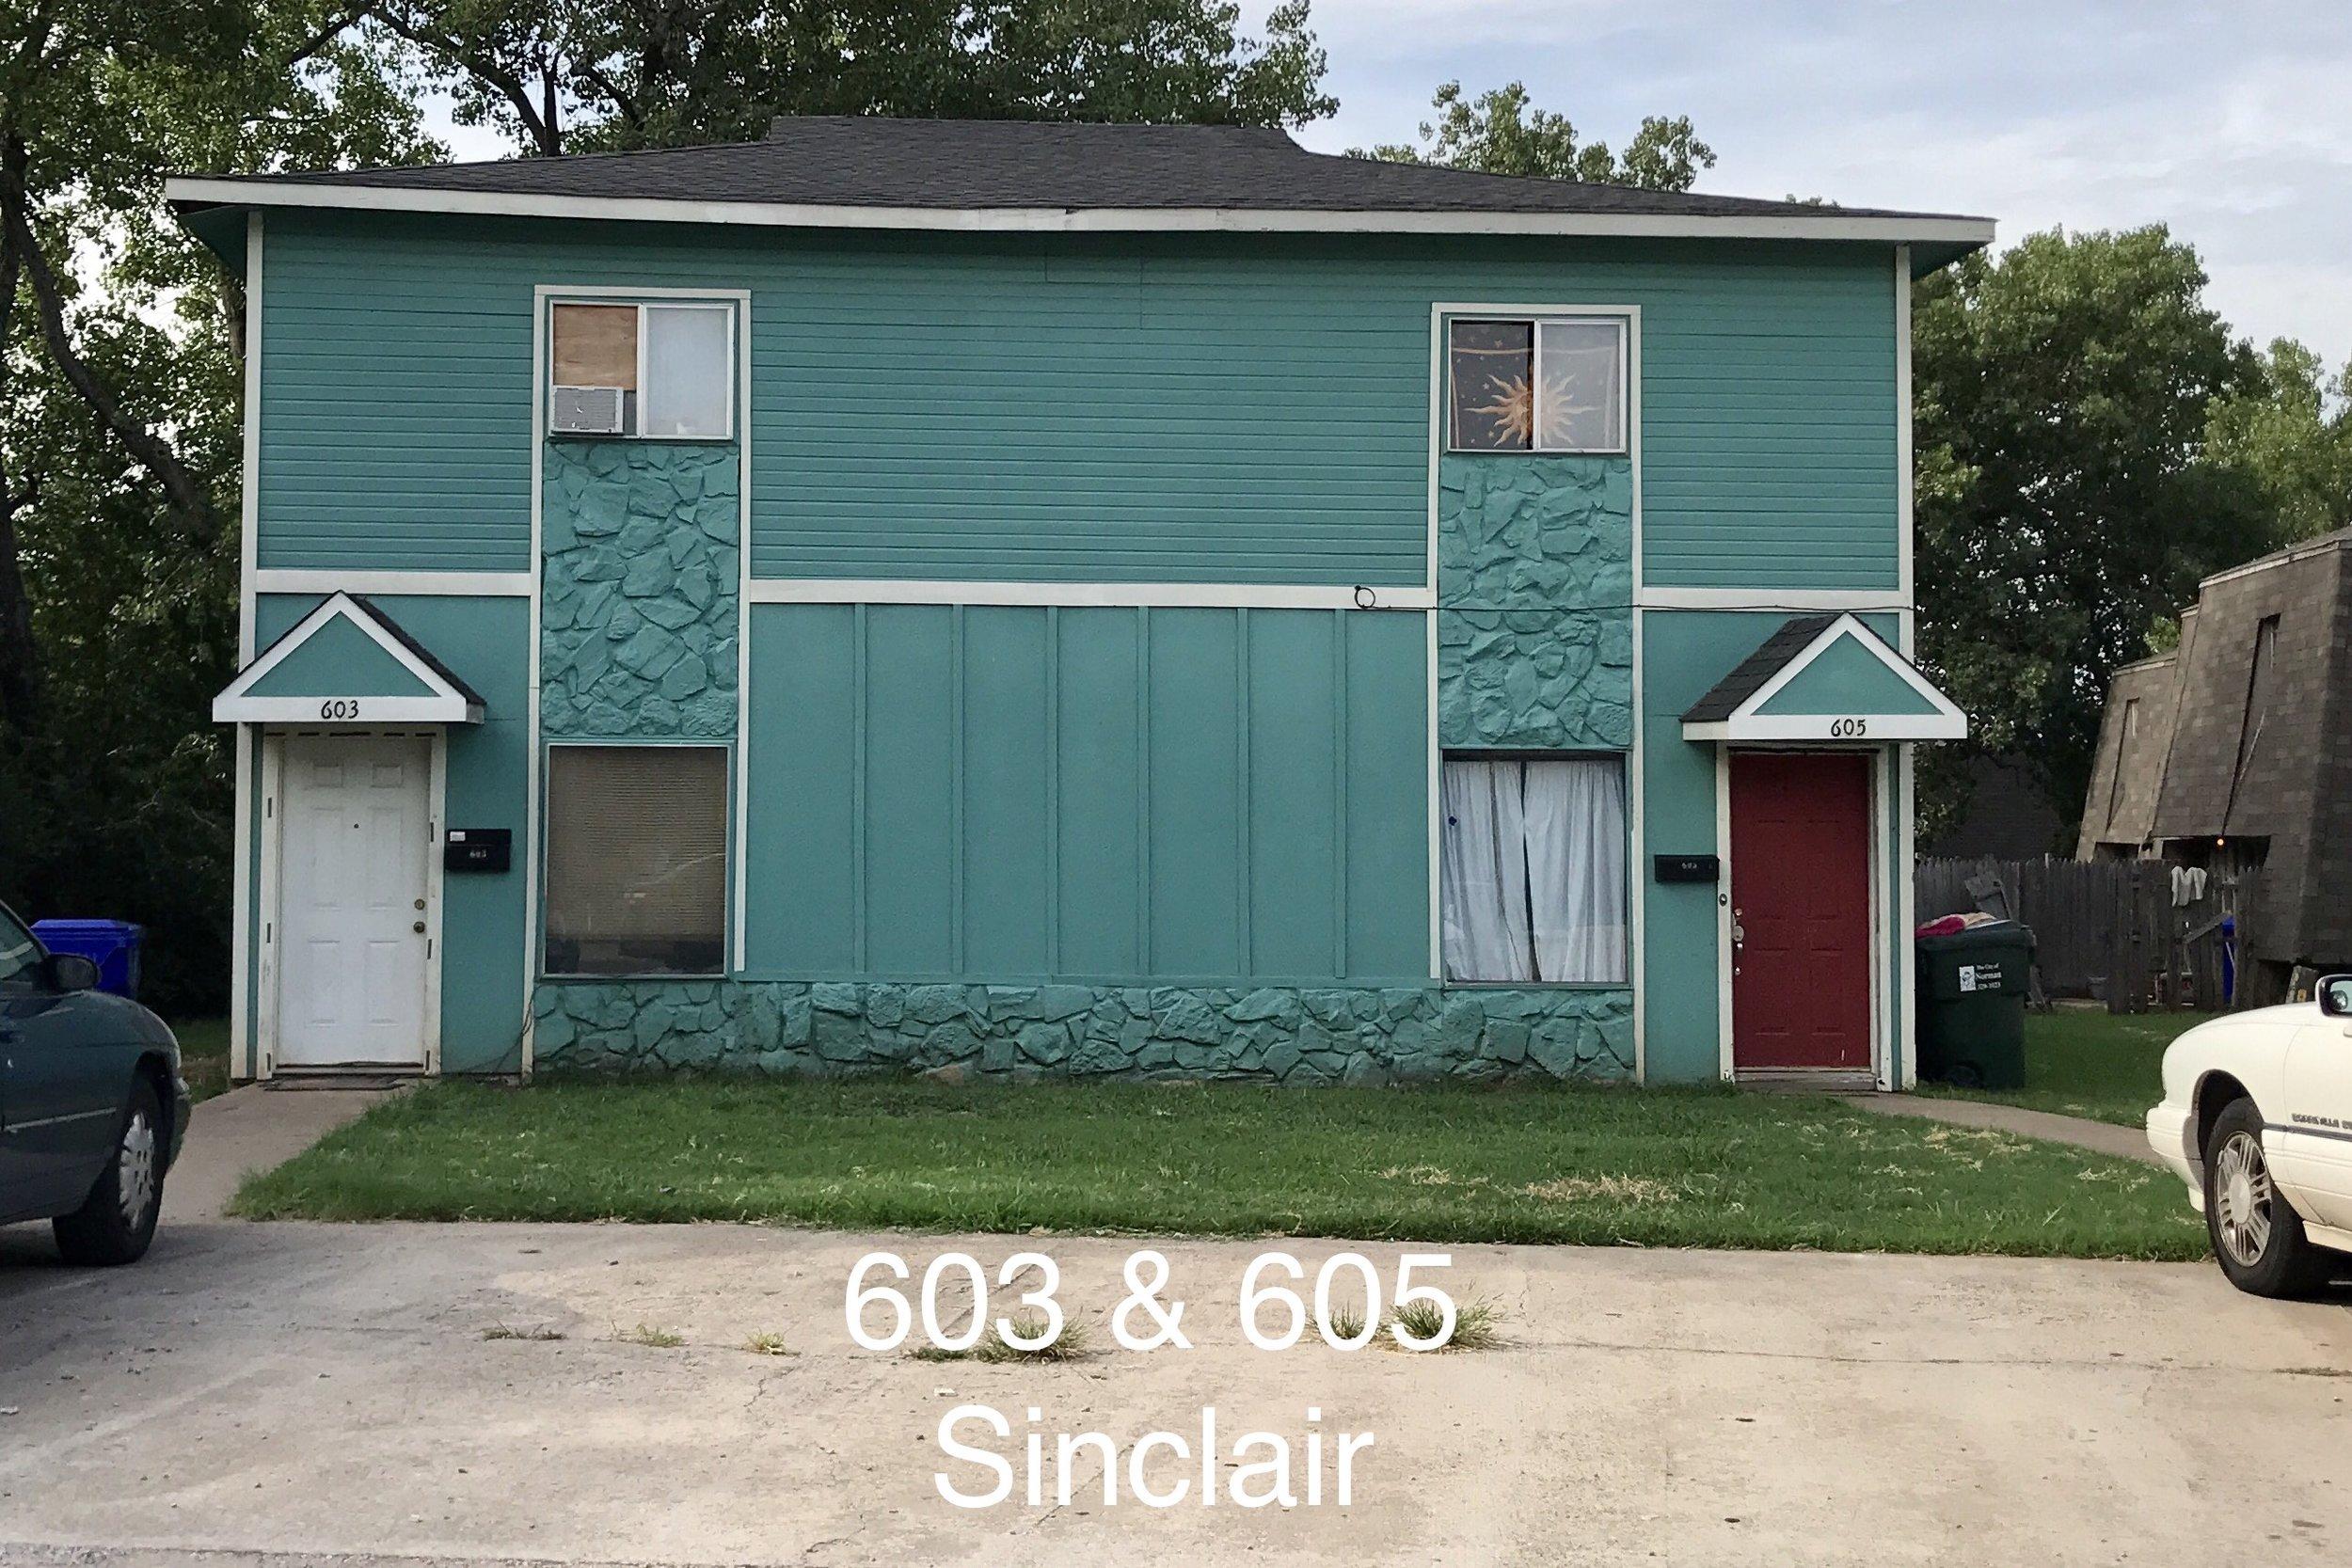 603 & 605 Sinclair.jpg